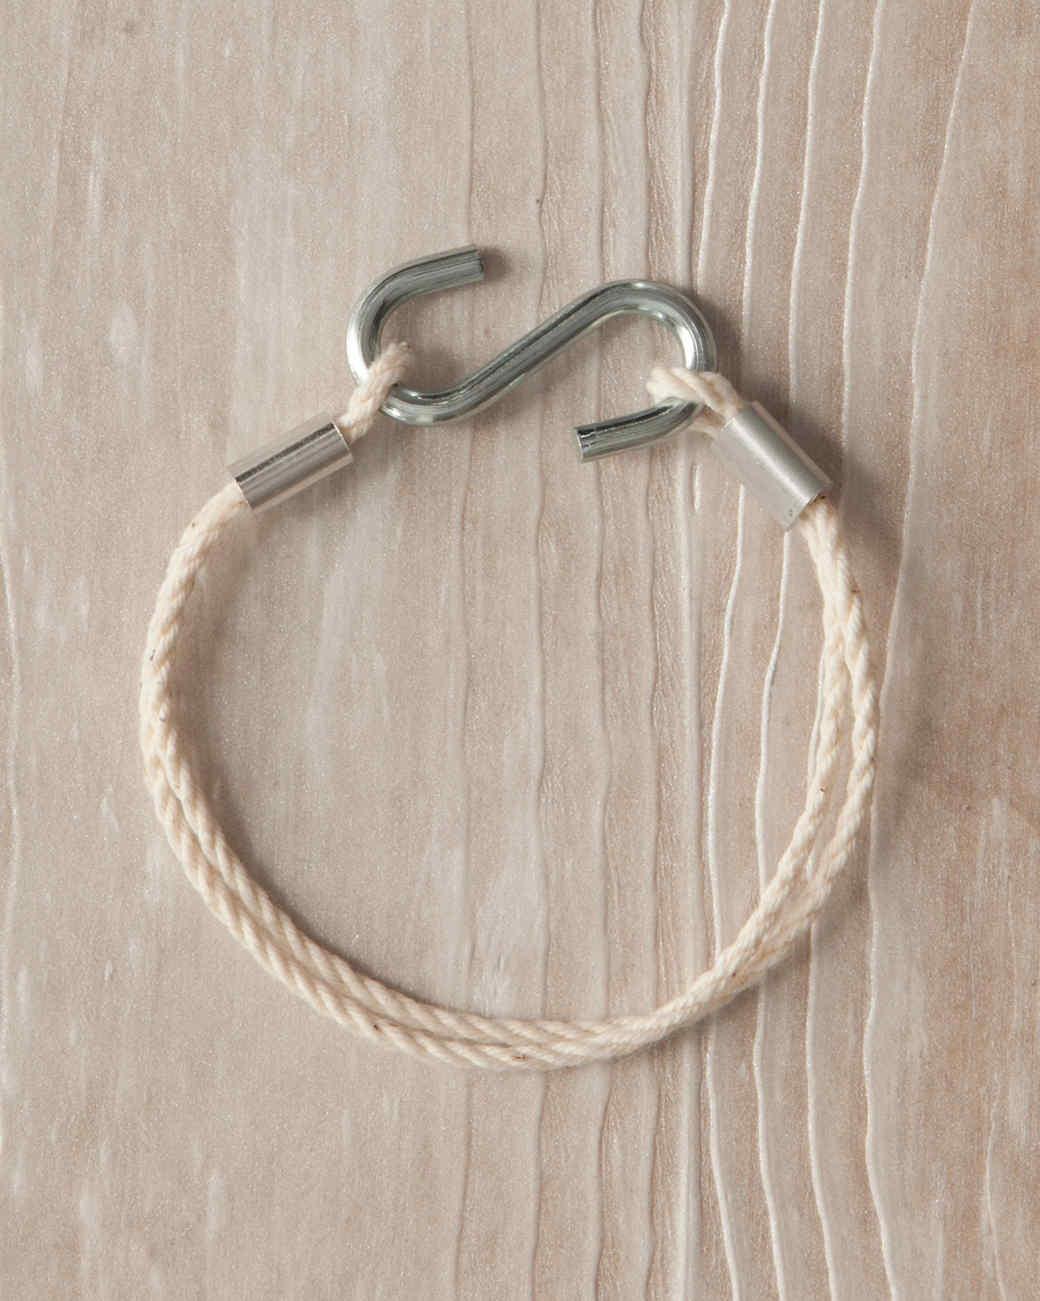 s-hook-bracelet-hardware-jewelry-036-ld110089.jpg